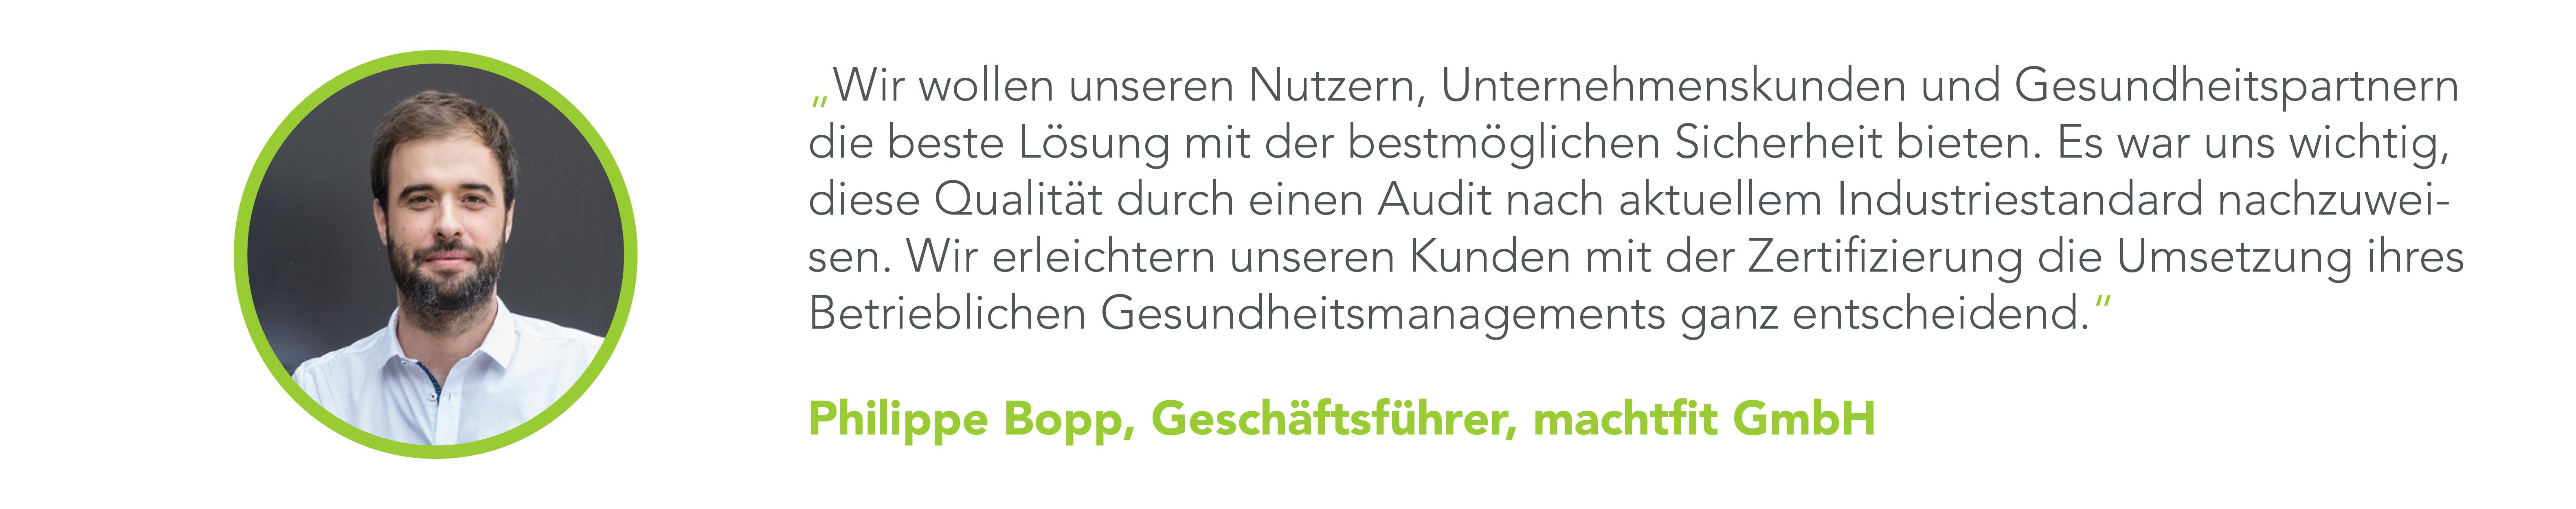 Erste deutsche BGM-Plattform mit ISO-Zertifizierung